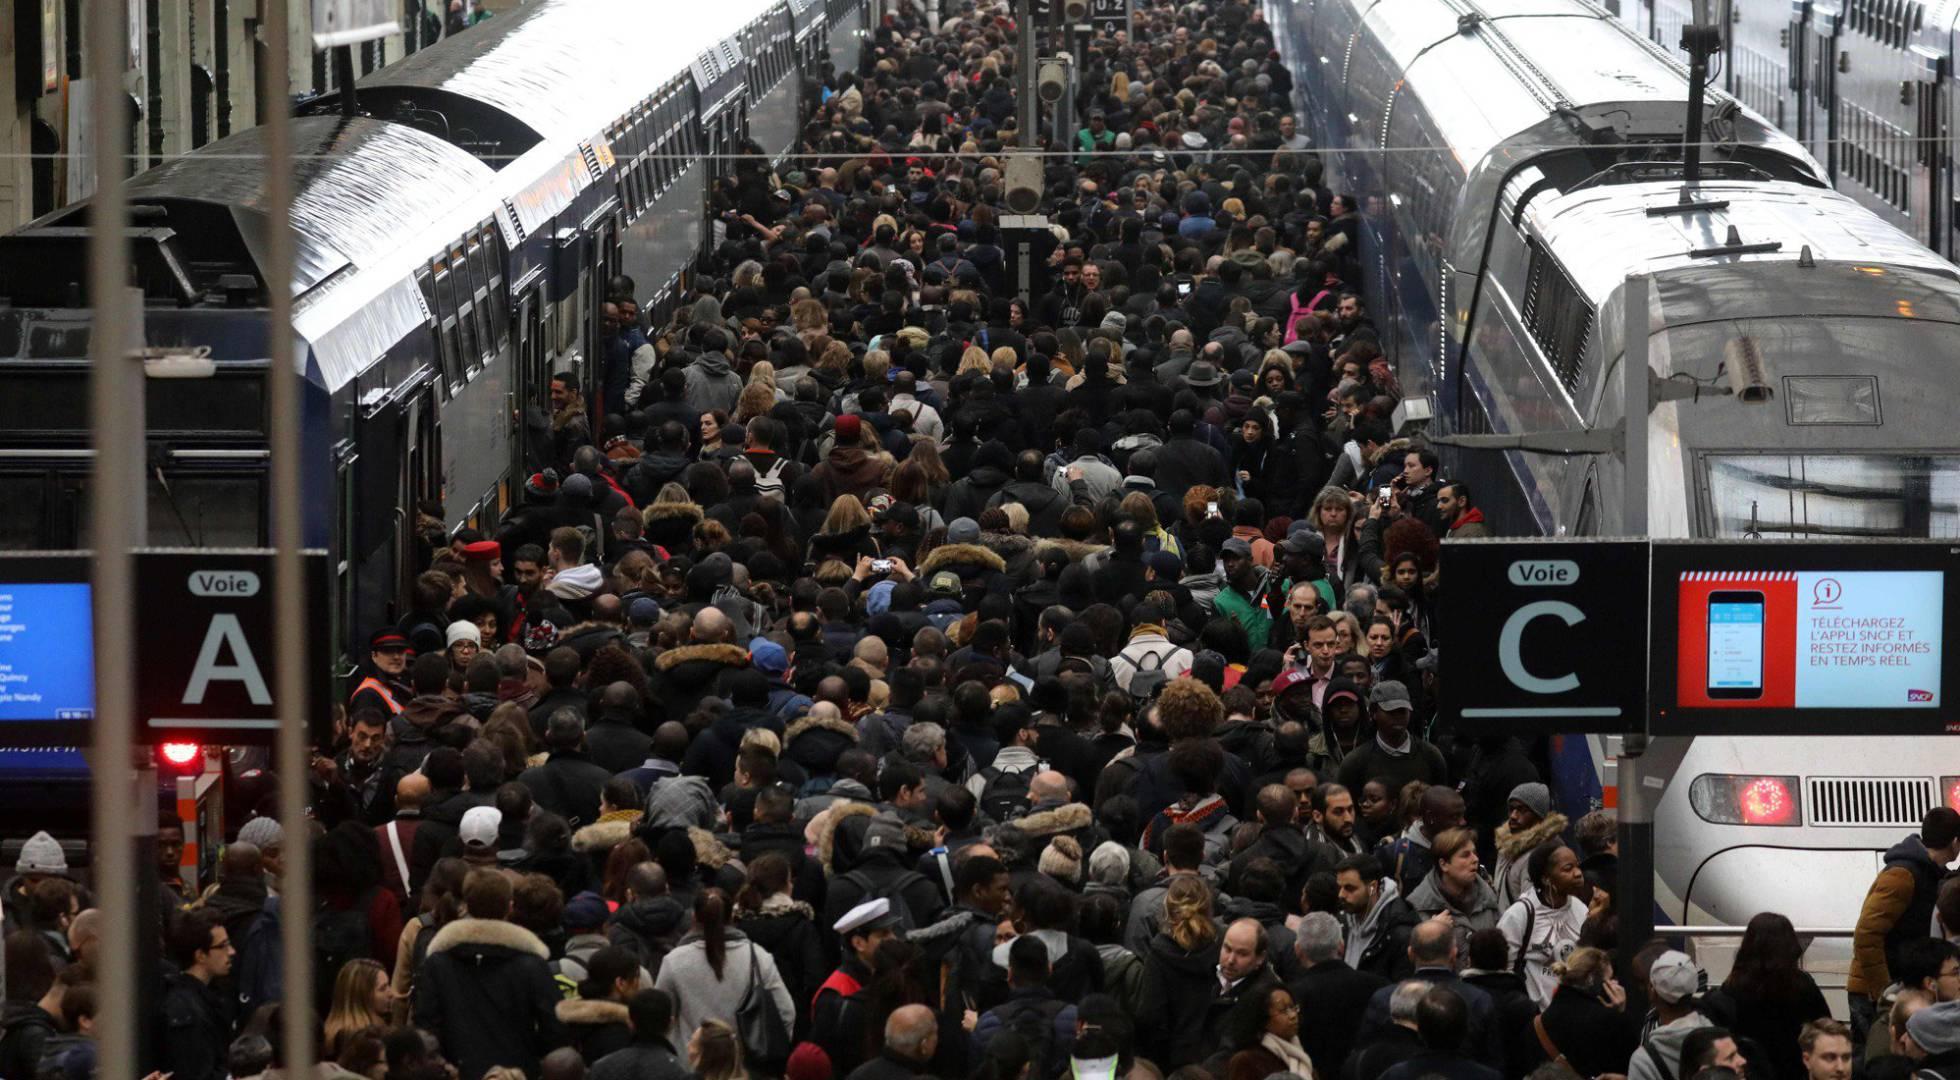 La Gare de Lyon en Paris